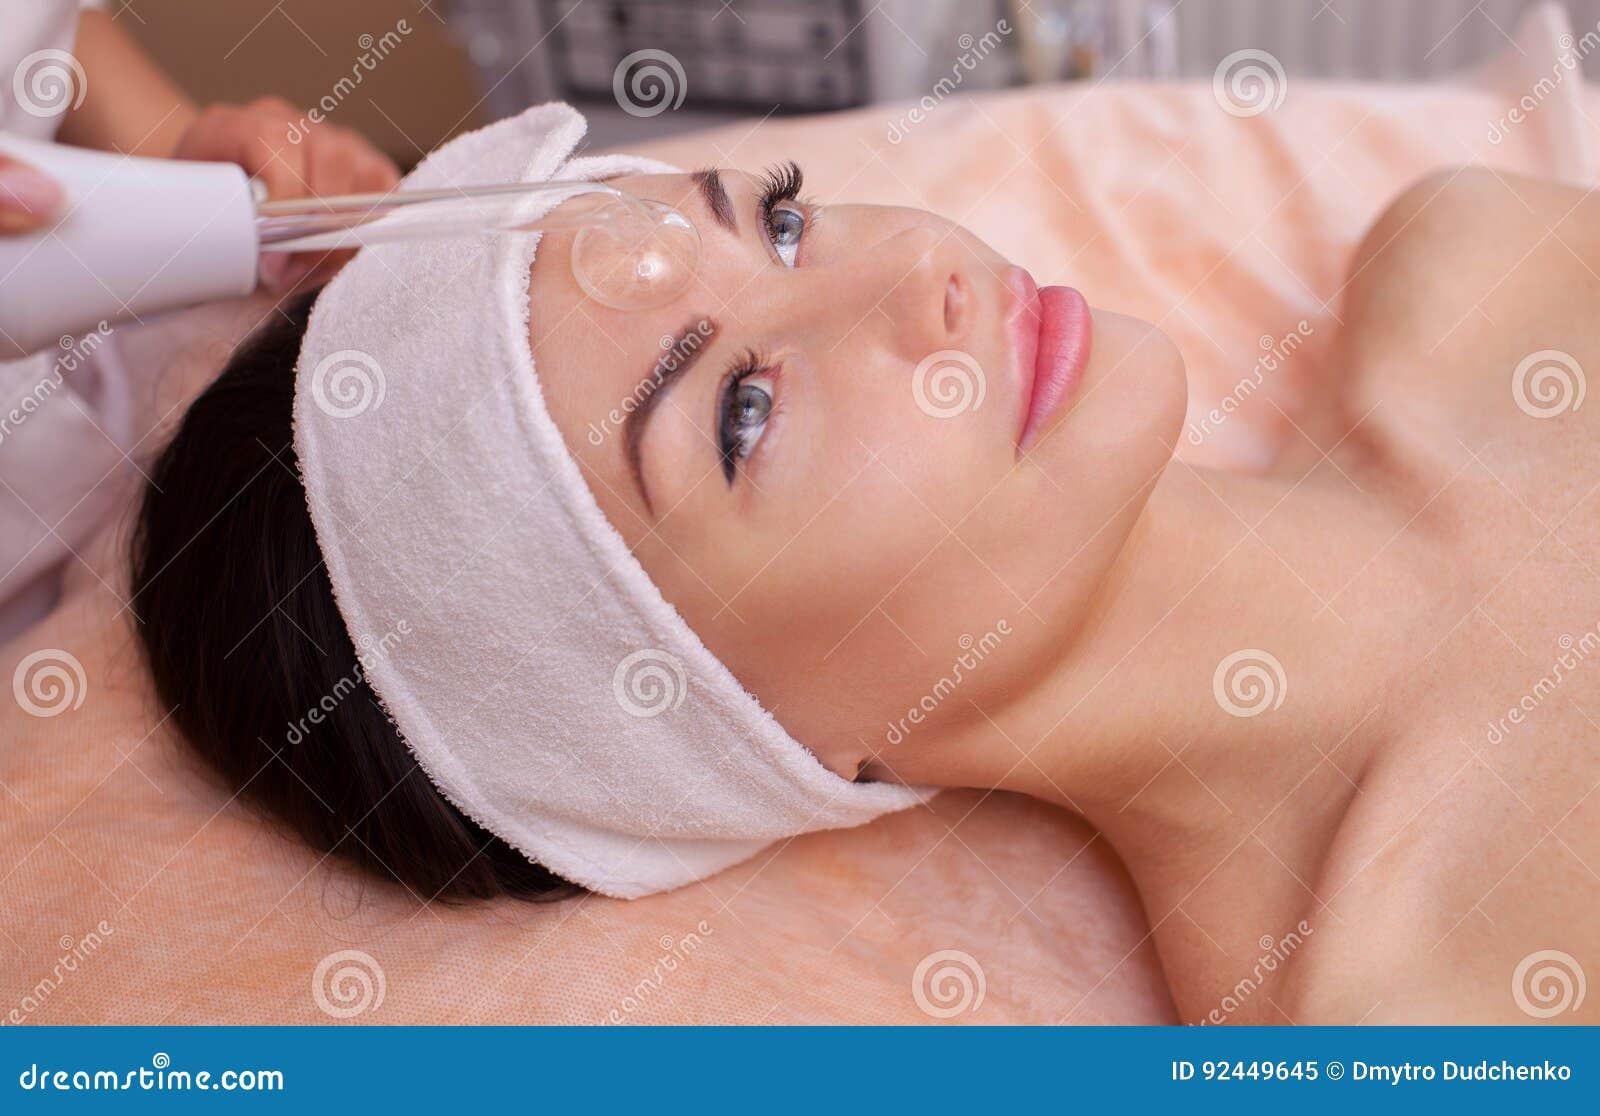 Der DoktorCosmetologist macht die Verfahren Microcurrent-Therapie von der Gesichtshaut auf der Stirn